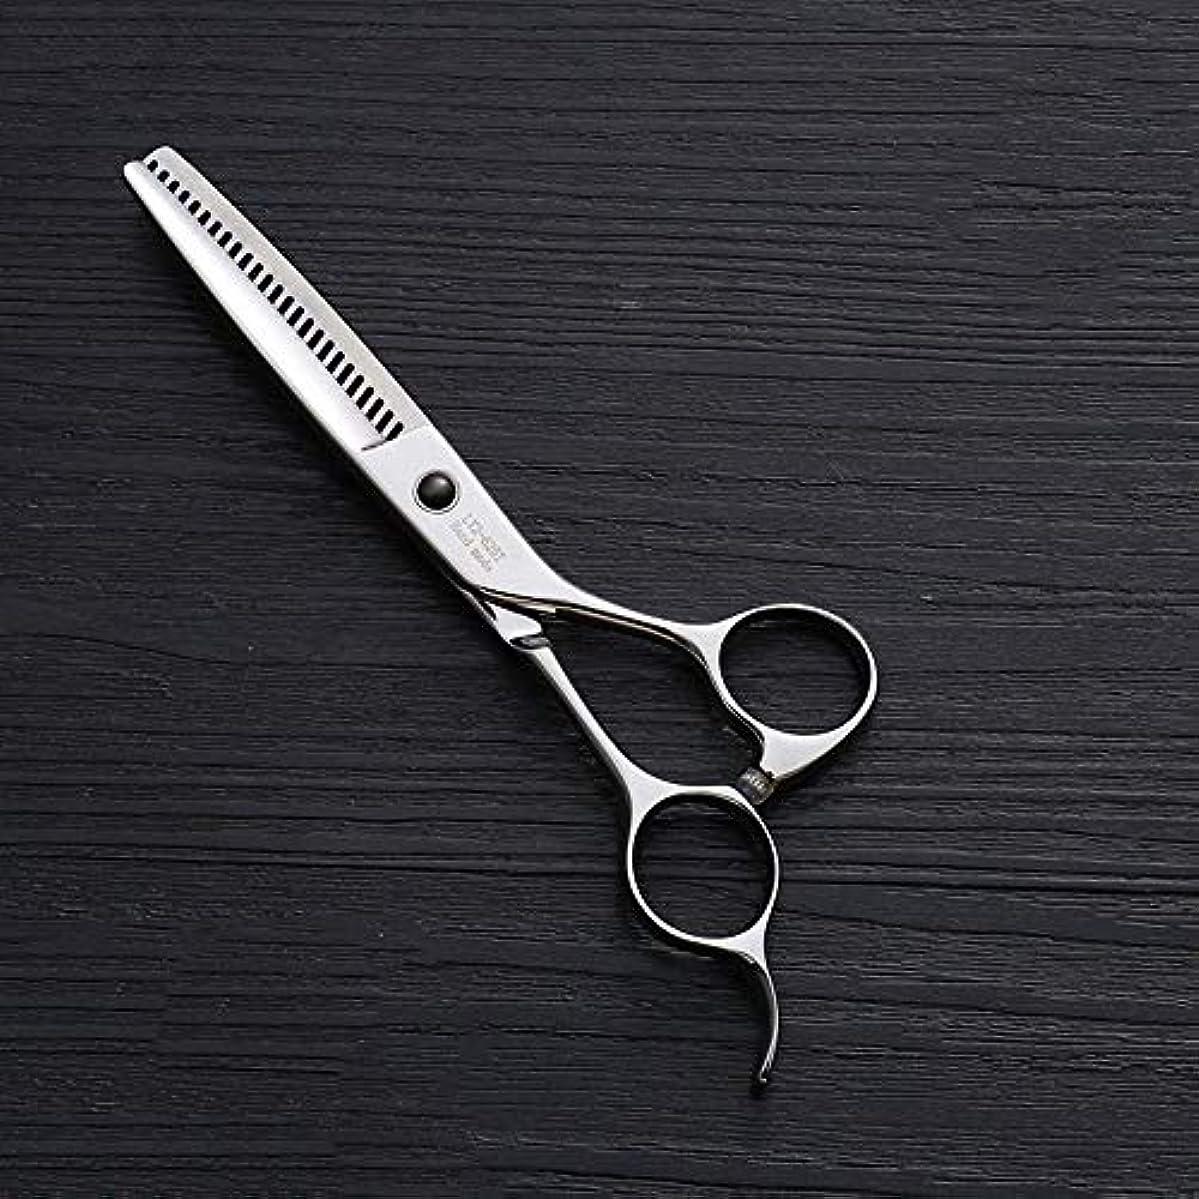 恐怖症ピクニック言い訳440Cステンレス鋼ハイエンドヘアカットツール、25歯T型6インチ美容院プロフェッショナル理髪はさみ ヘアケア (色 : Silver)